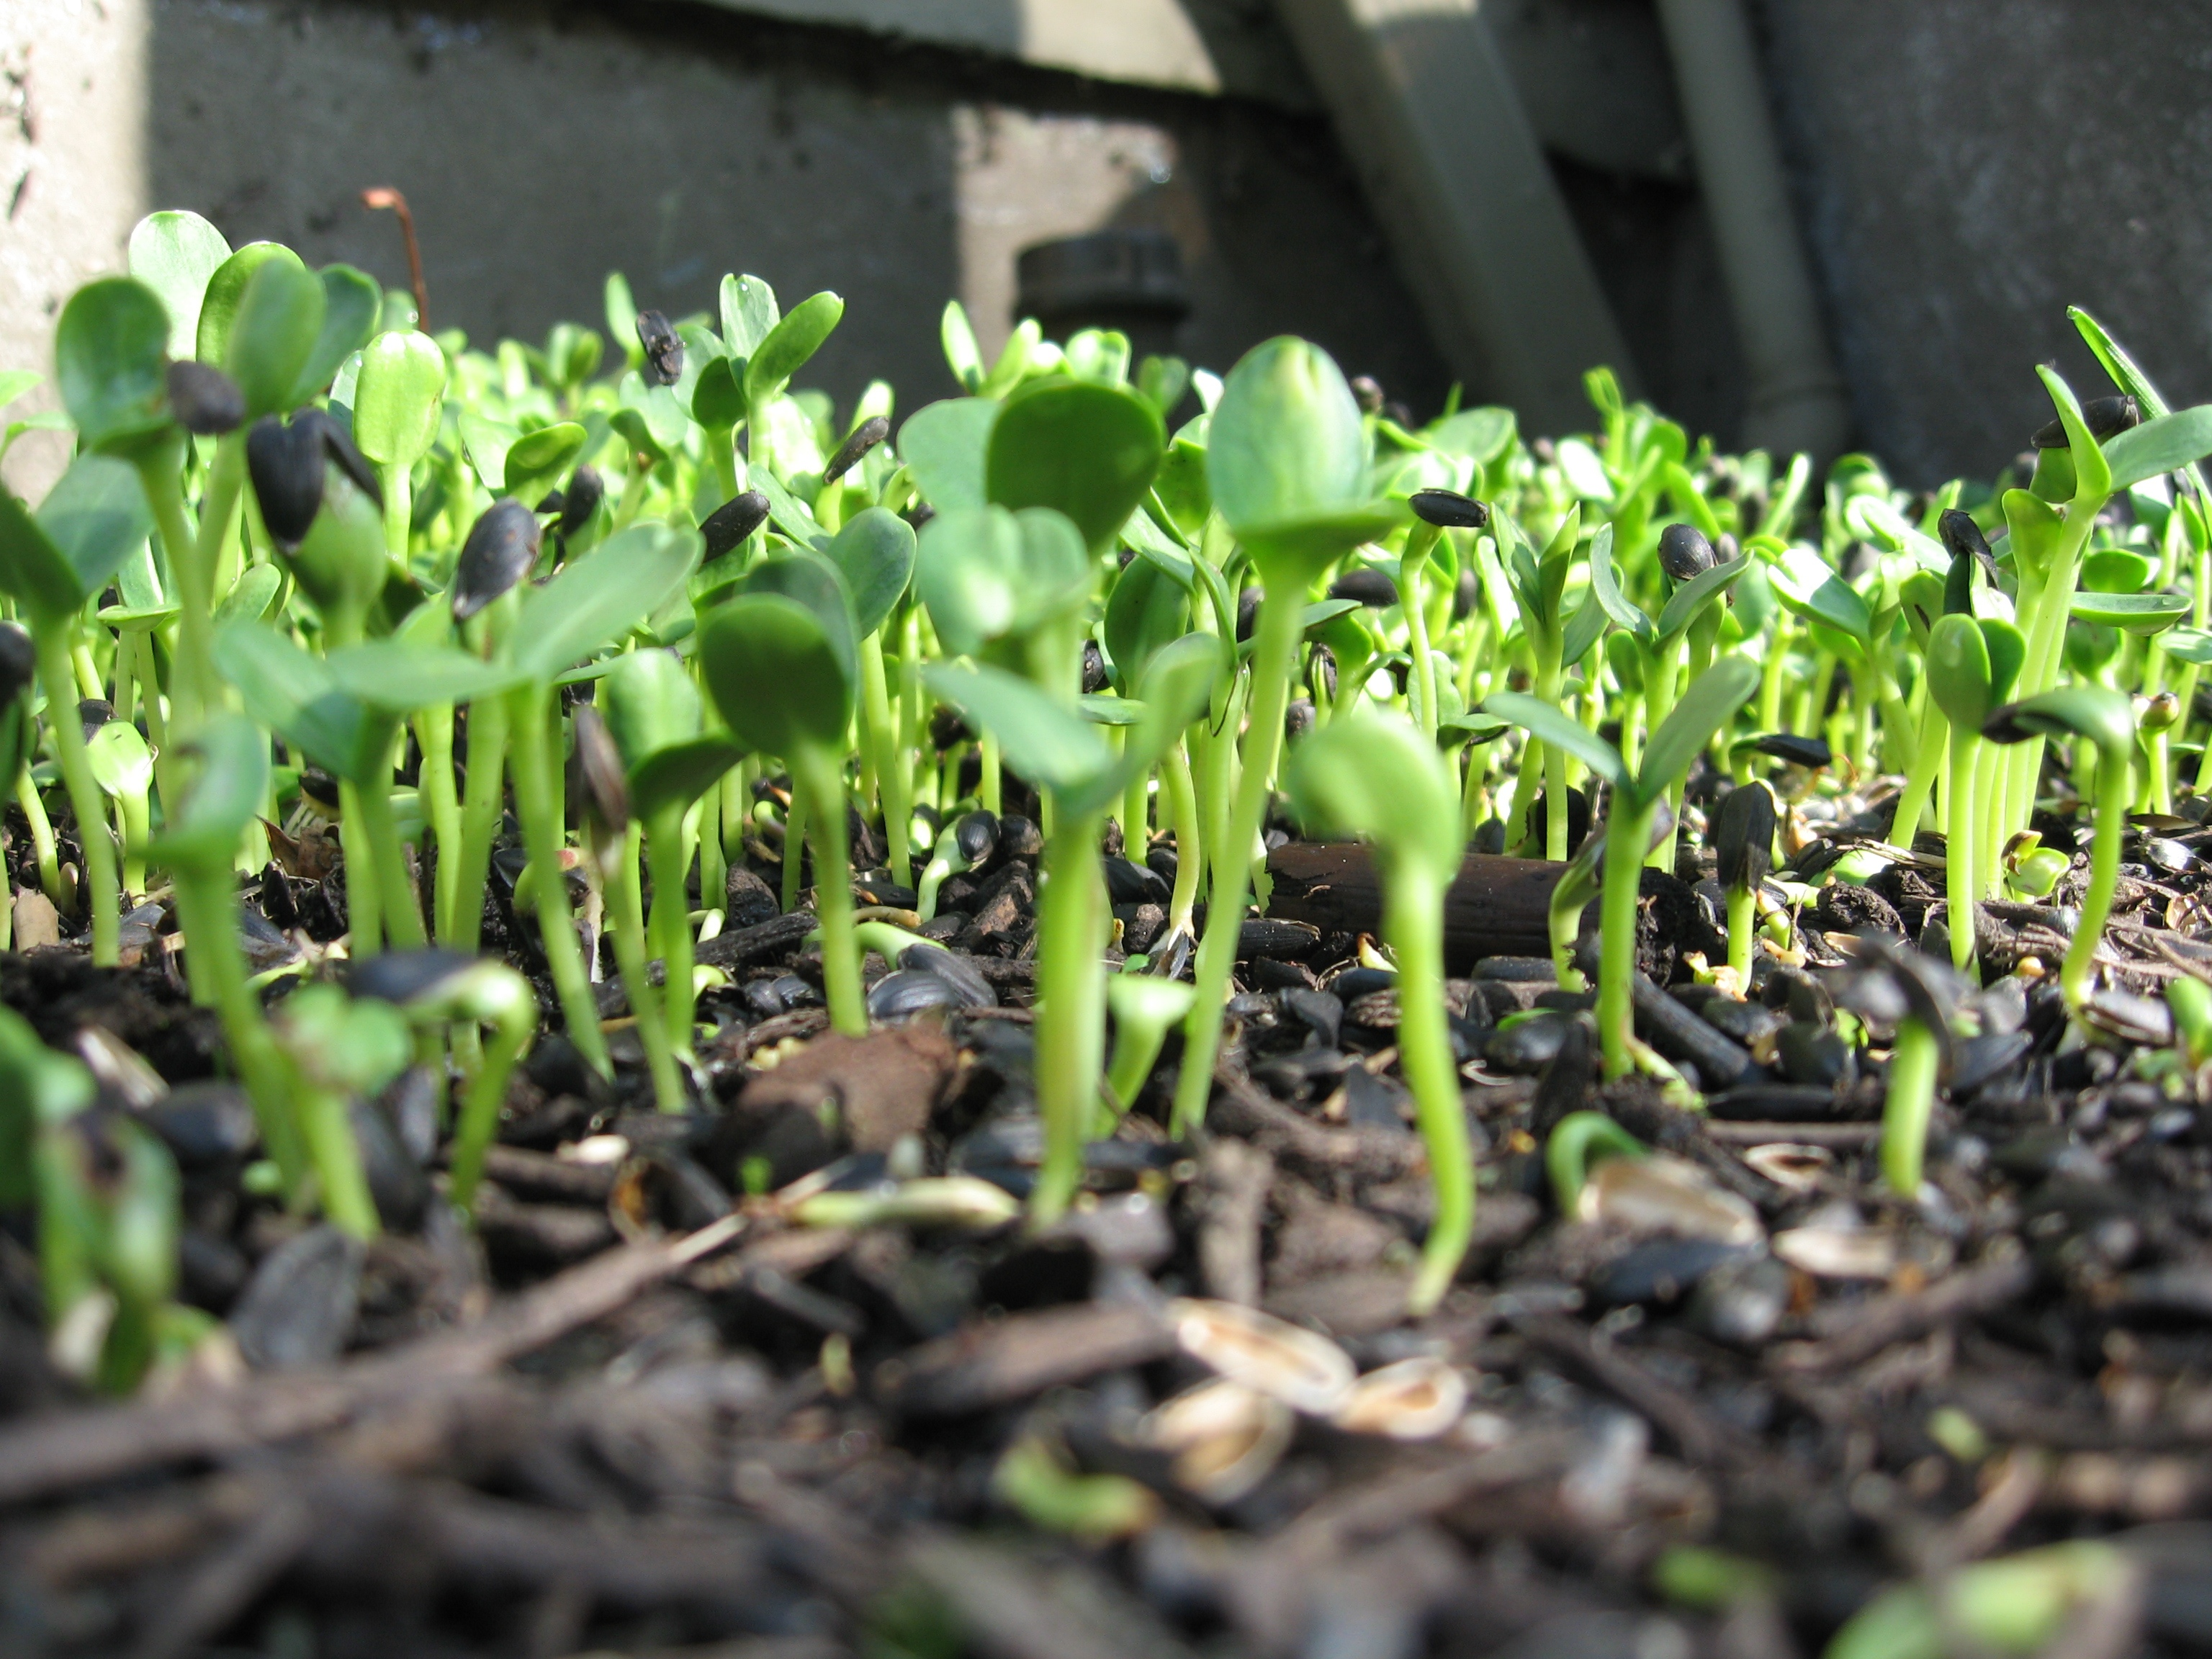 картинка ростков подсолнуха днем